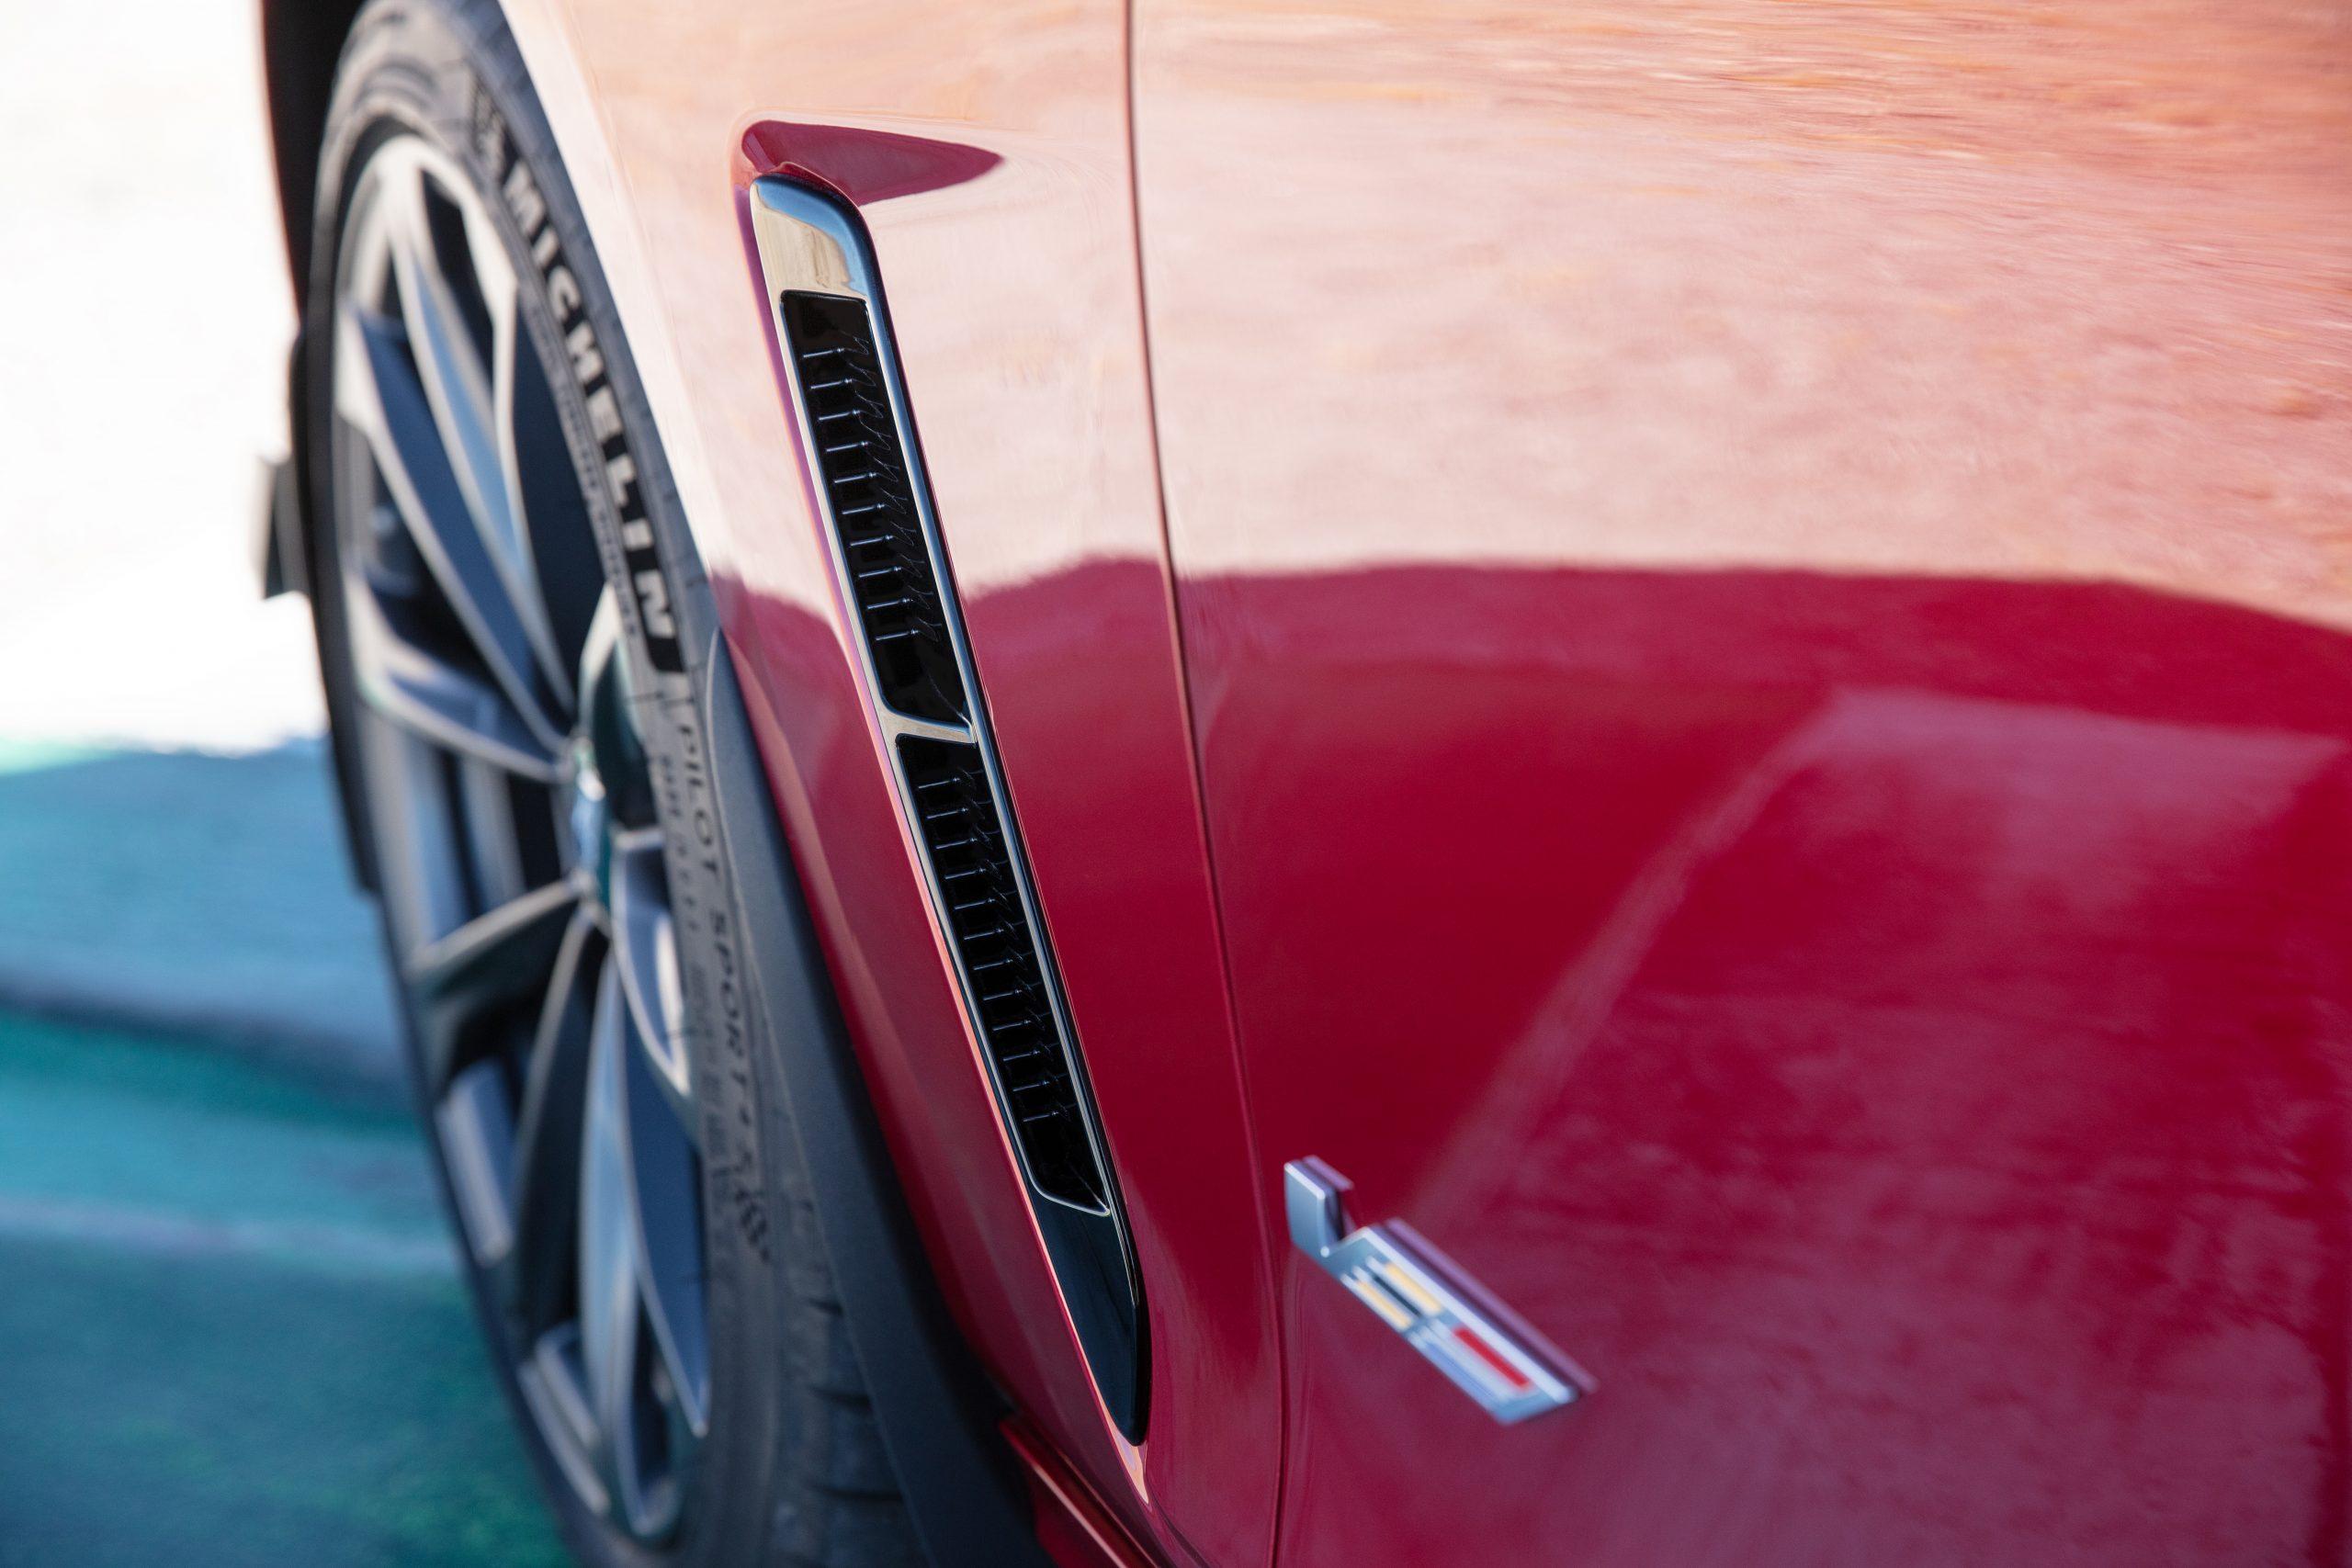 2022 Cadillac CT4-V Blackwing fender vent